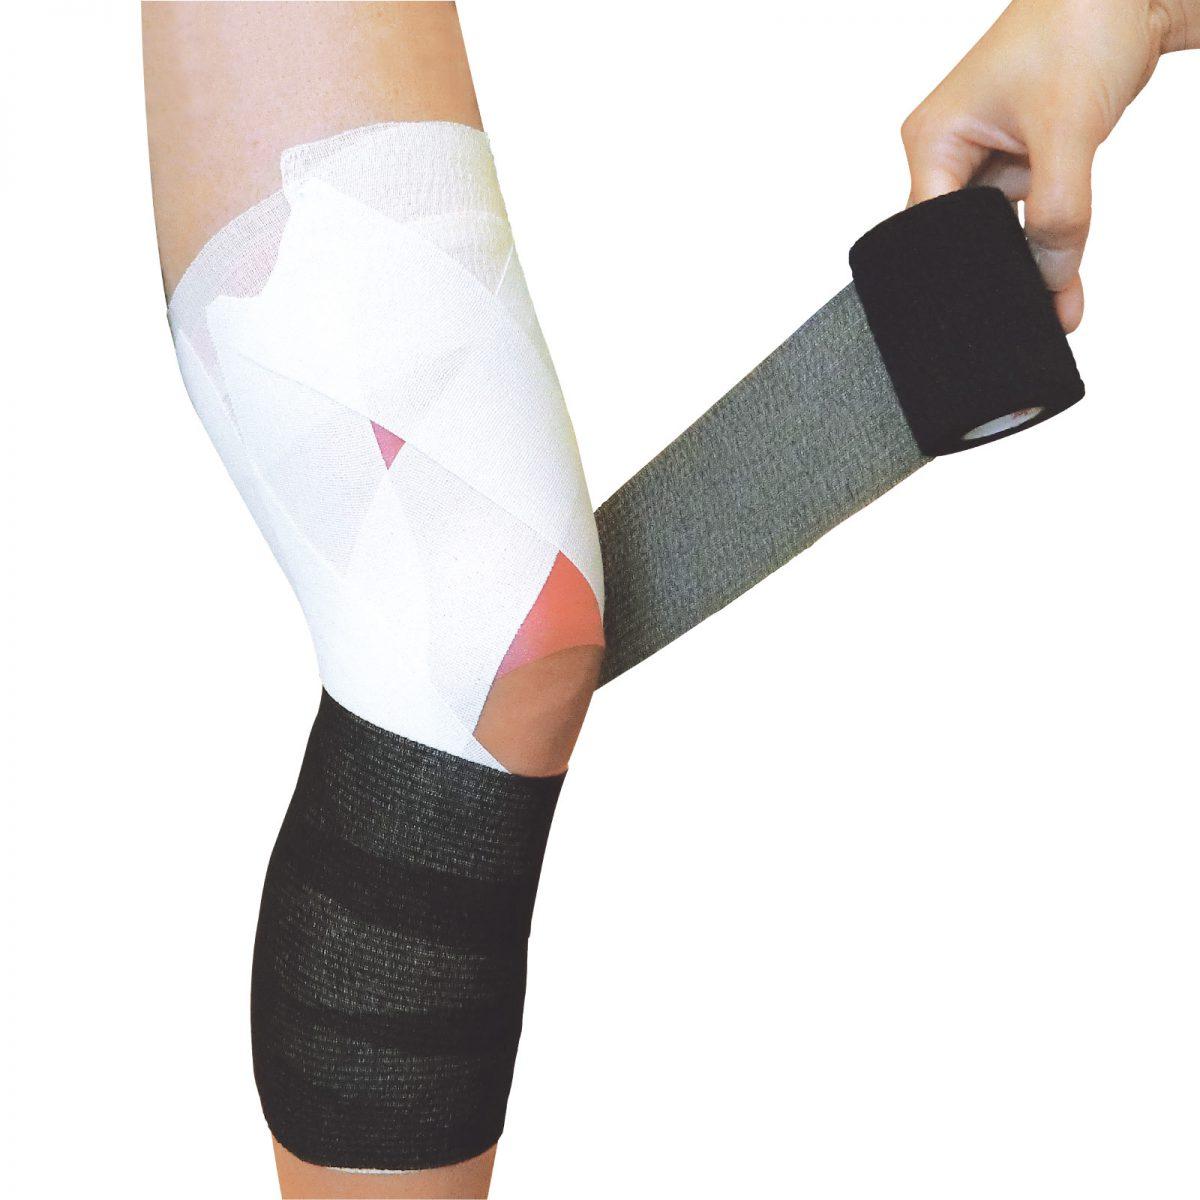 よりしっかりひざを固定するために